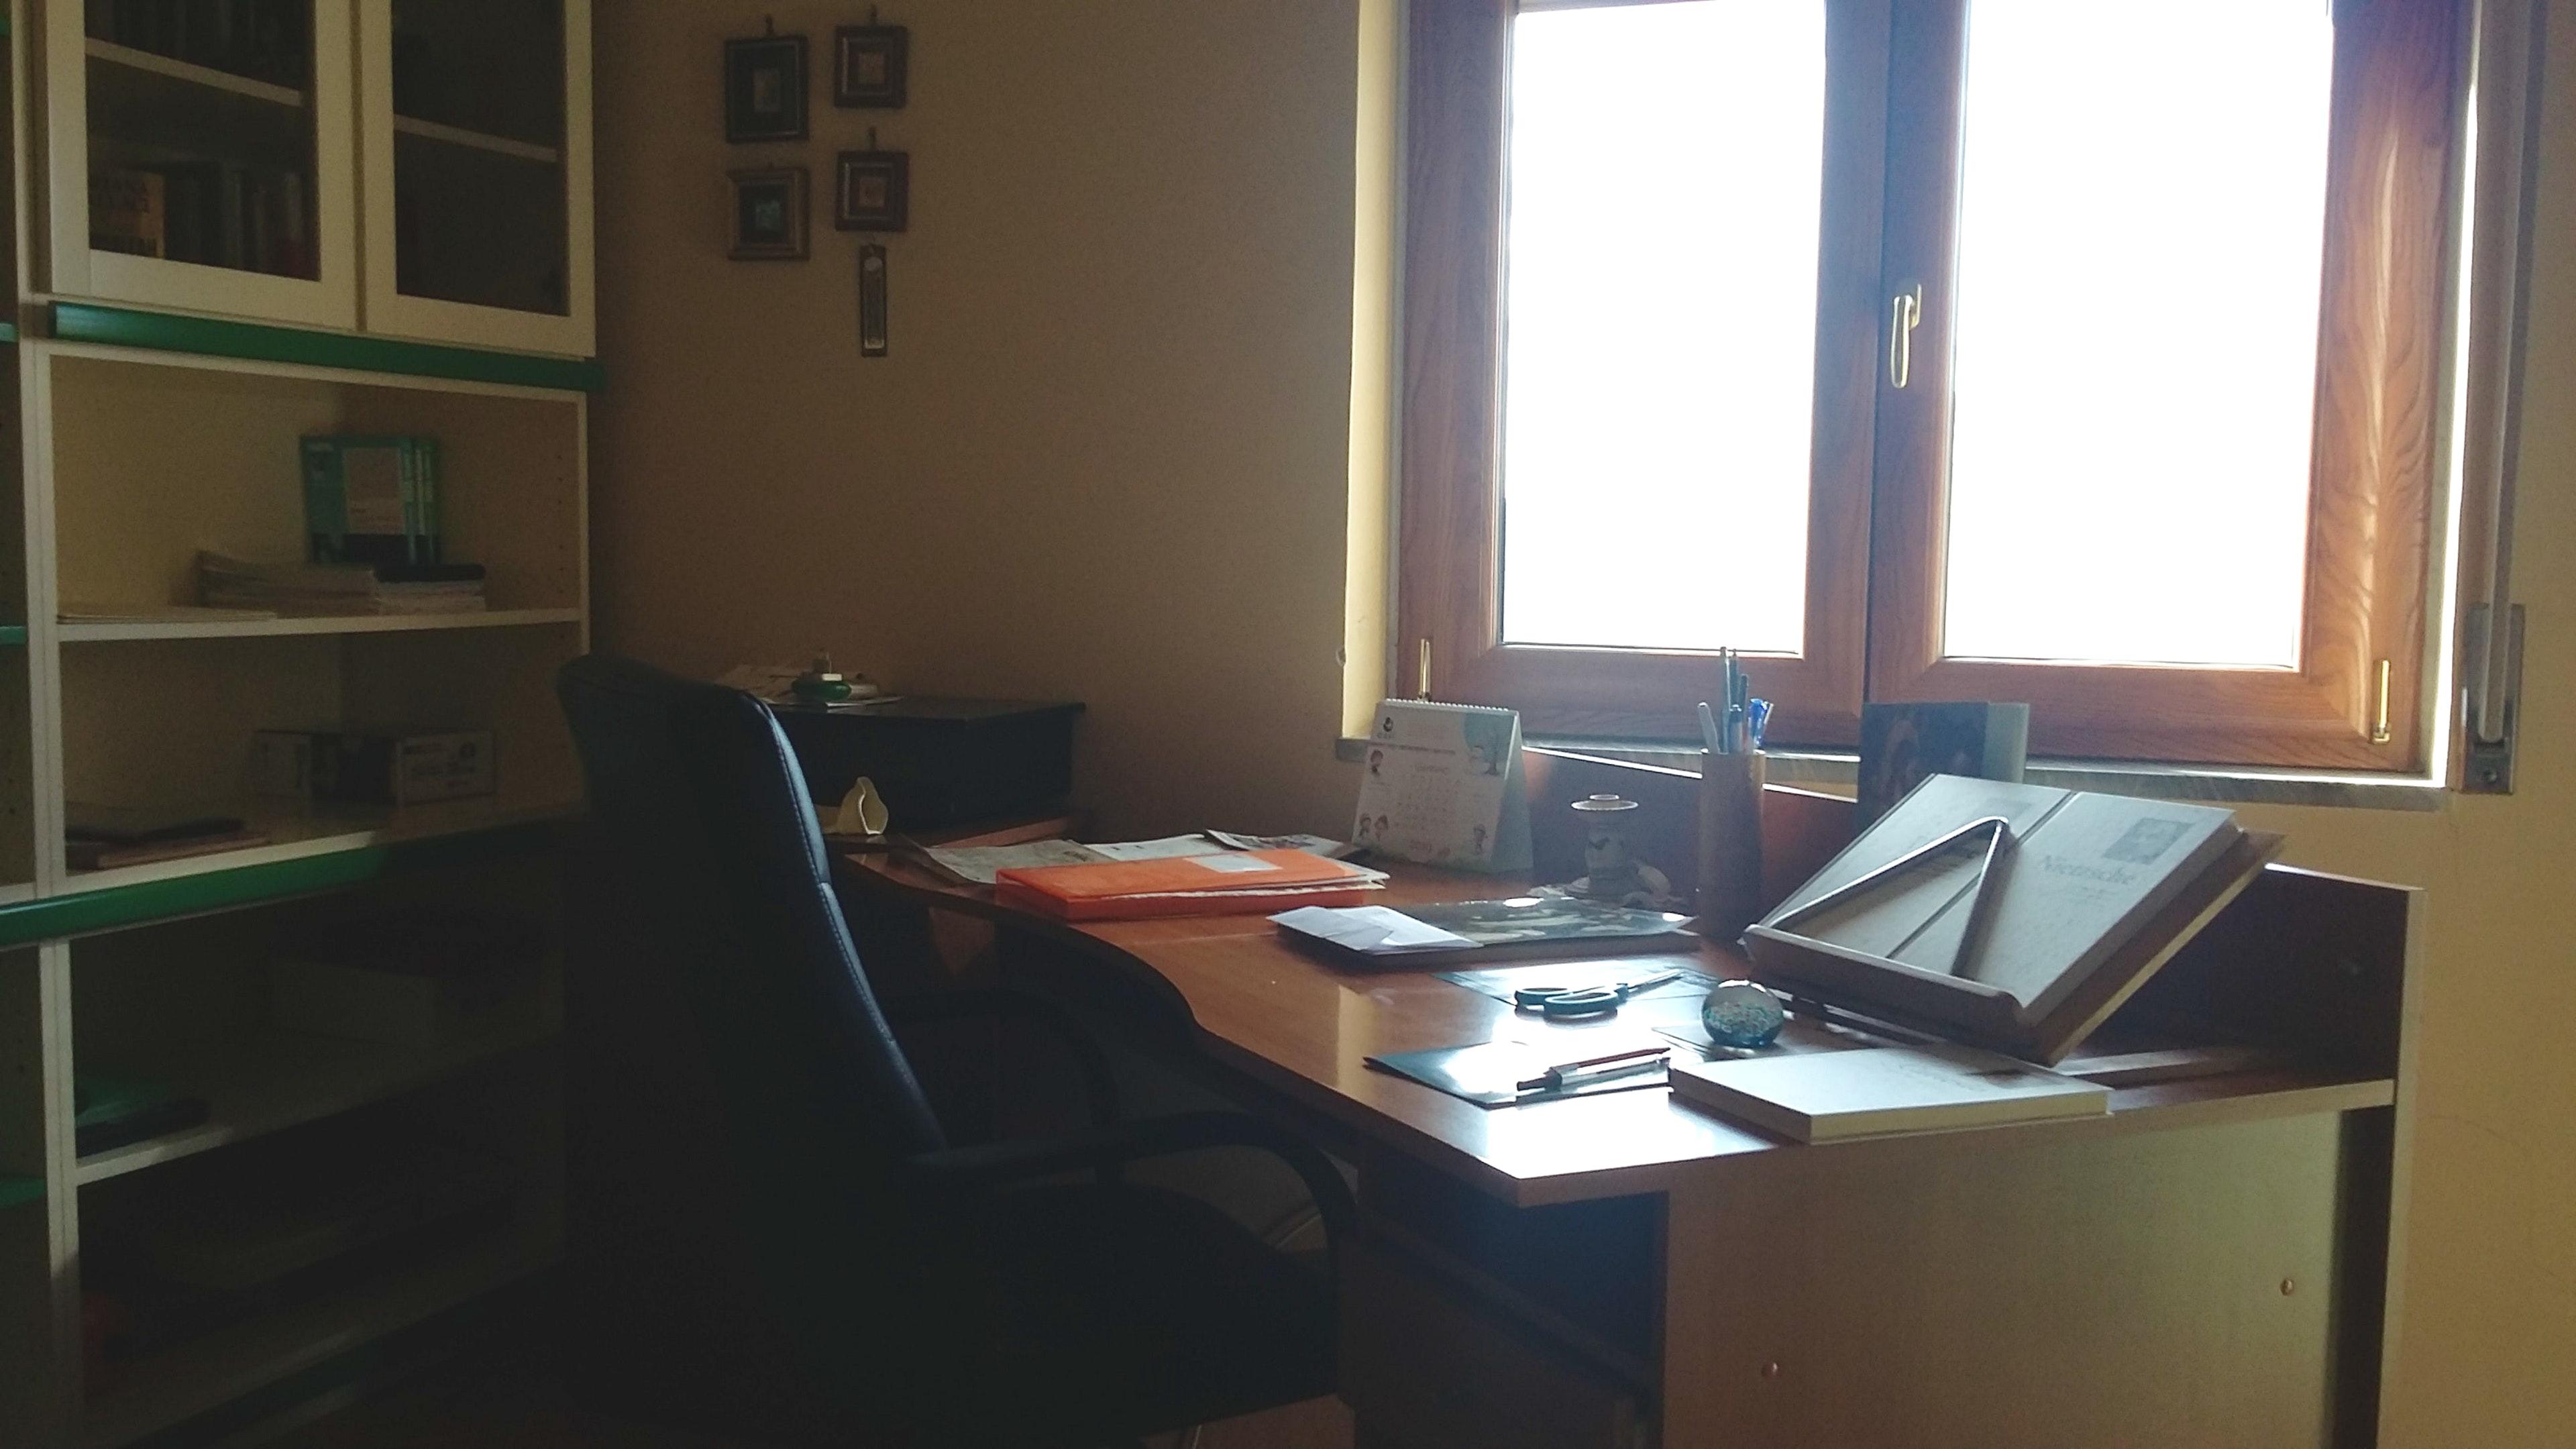 Ferienwohnung Wohnung mit 3 Schlafzimmern in Angri mit schöner Aussicht auf die Stadt und möbliertem Bal (2557376), Angri, Salerno, Kampanien, Italien, Bild 29